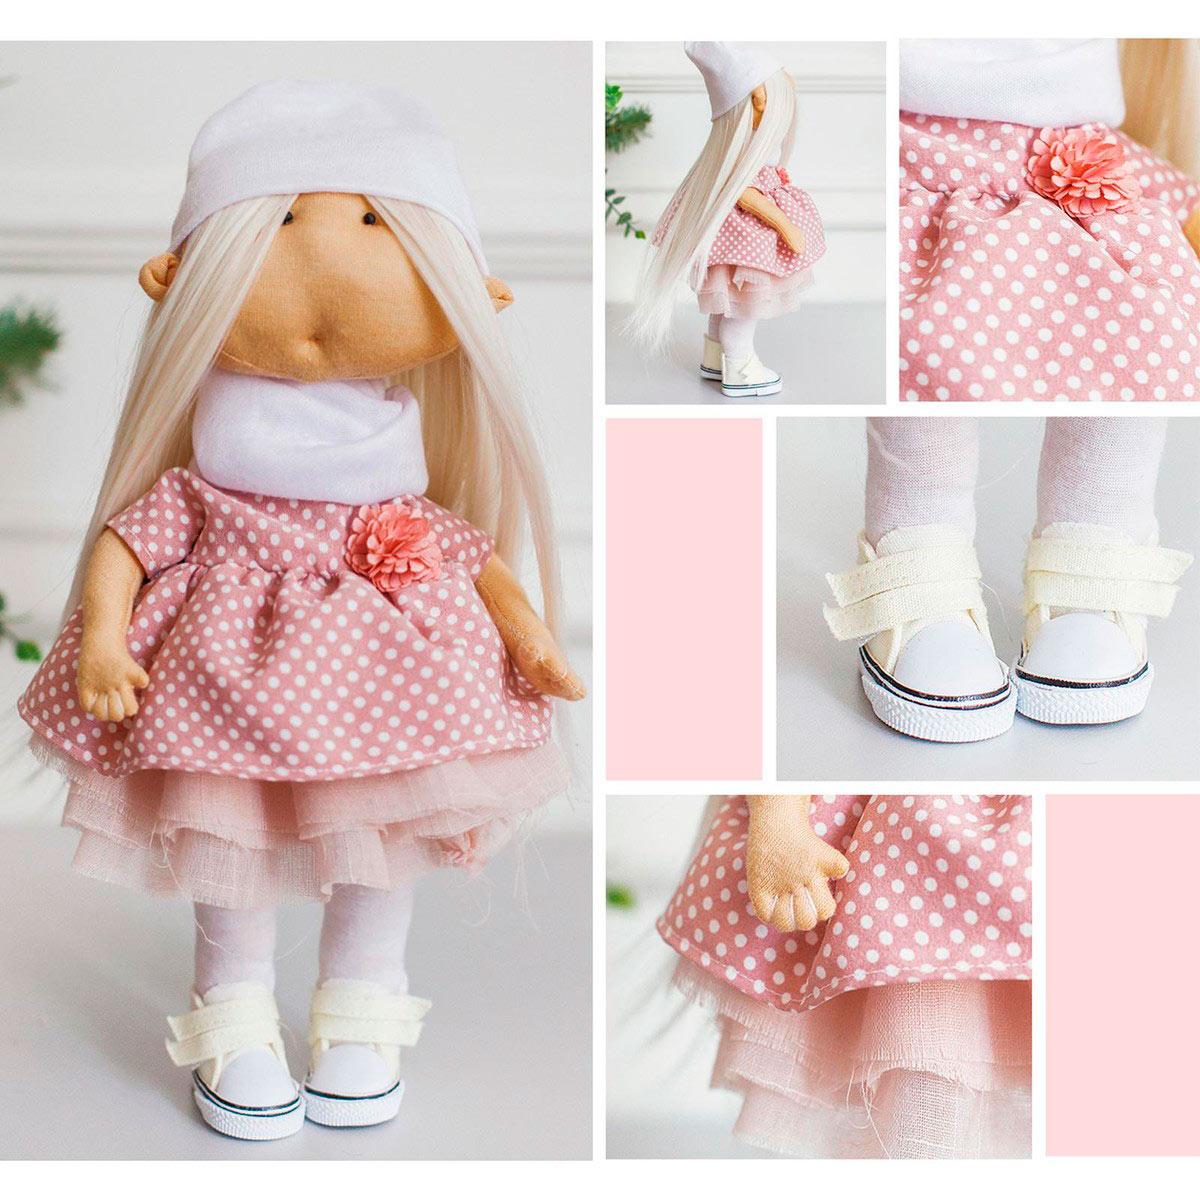 4779883 Интерьерная кукла 'Моника' набор для шитья 15,6*22.4*5.2 см